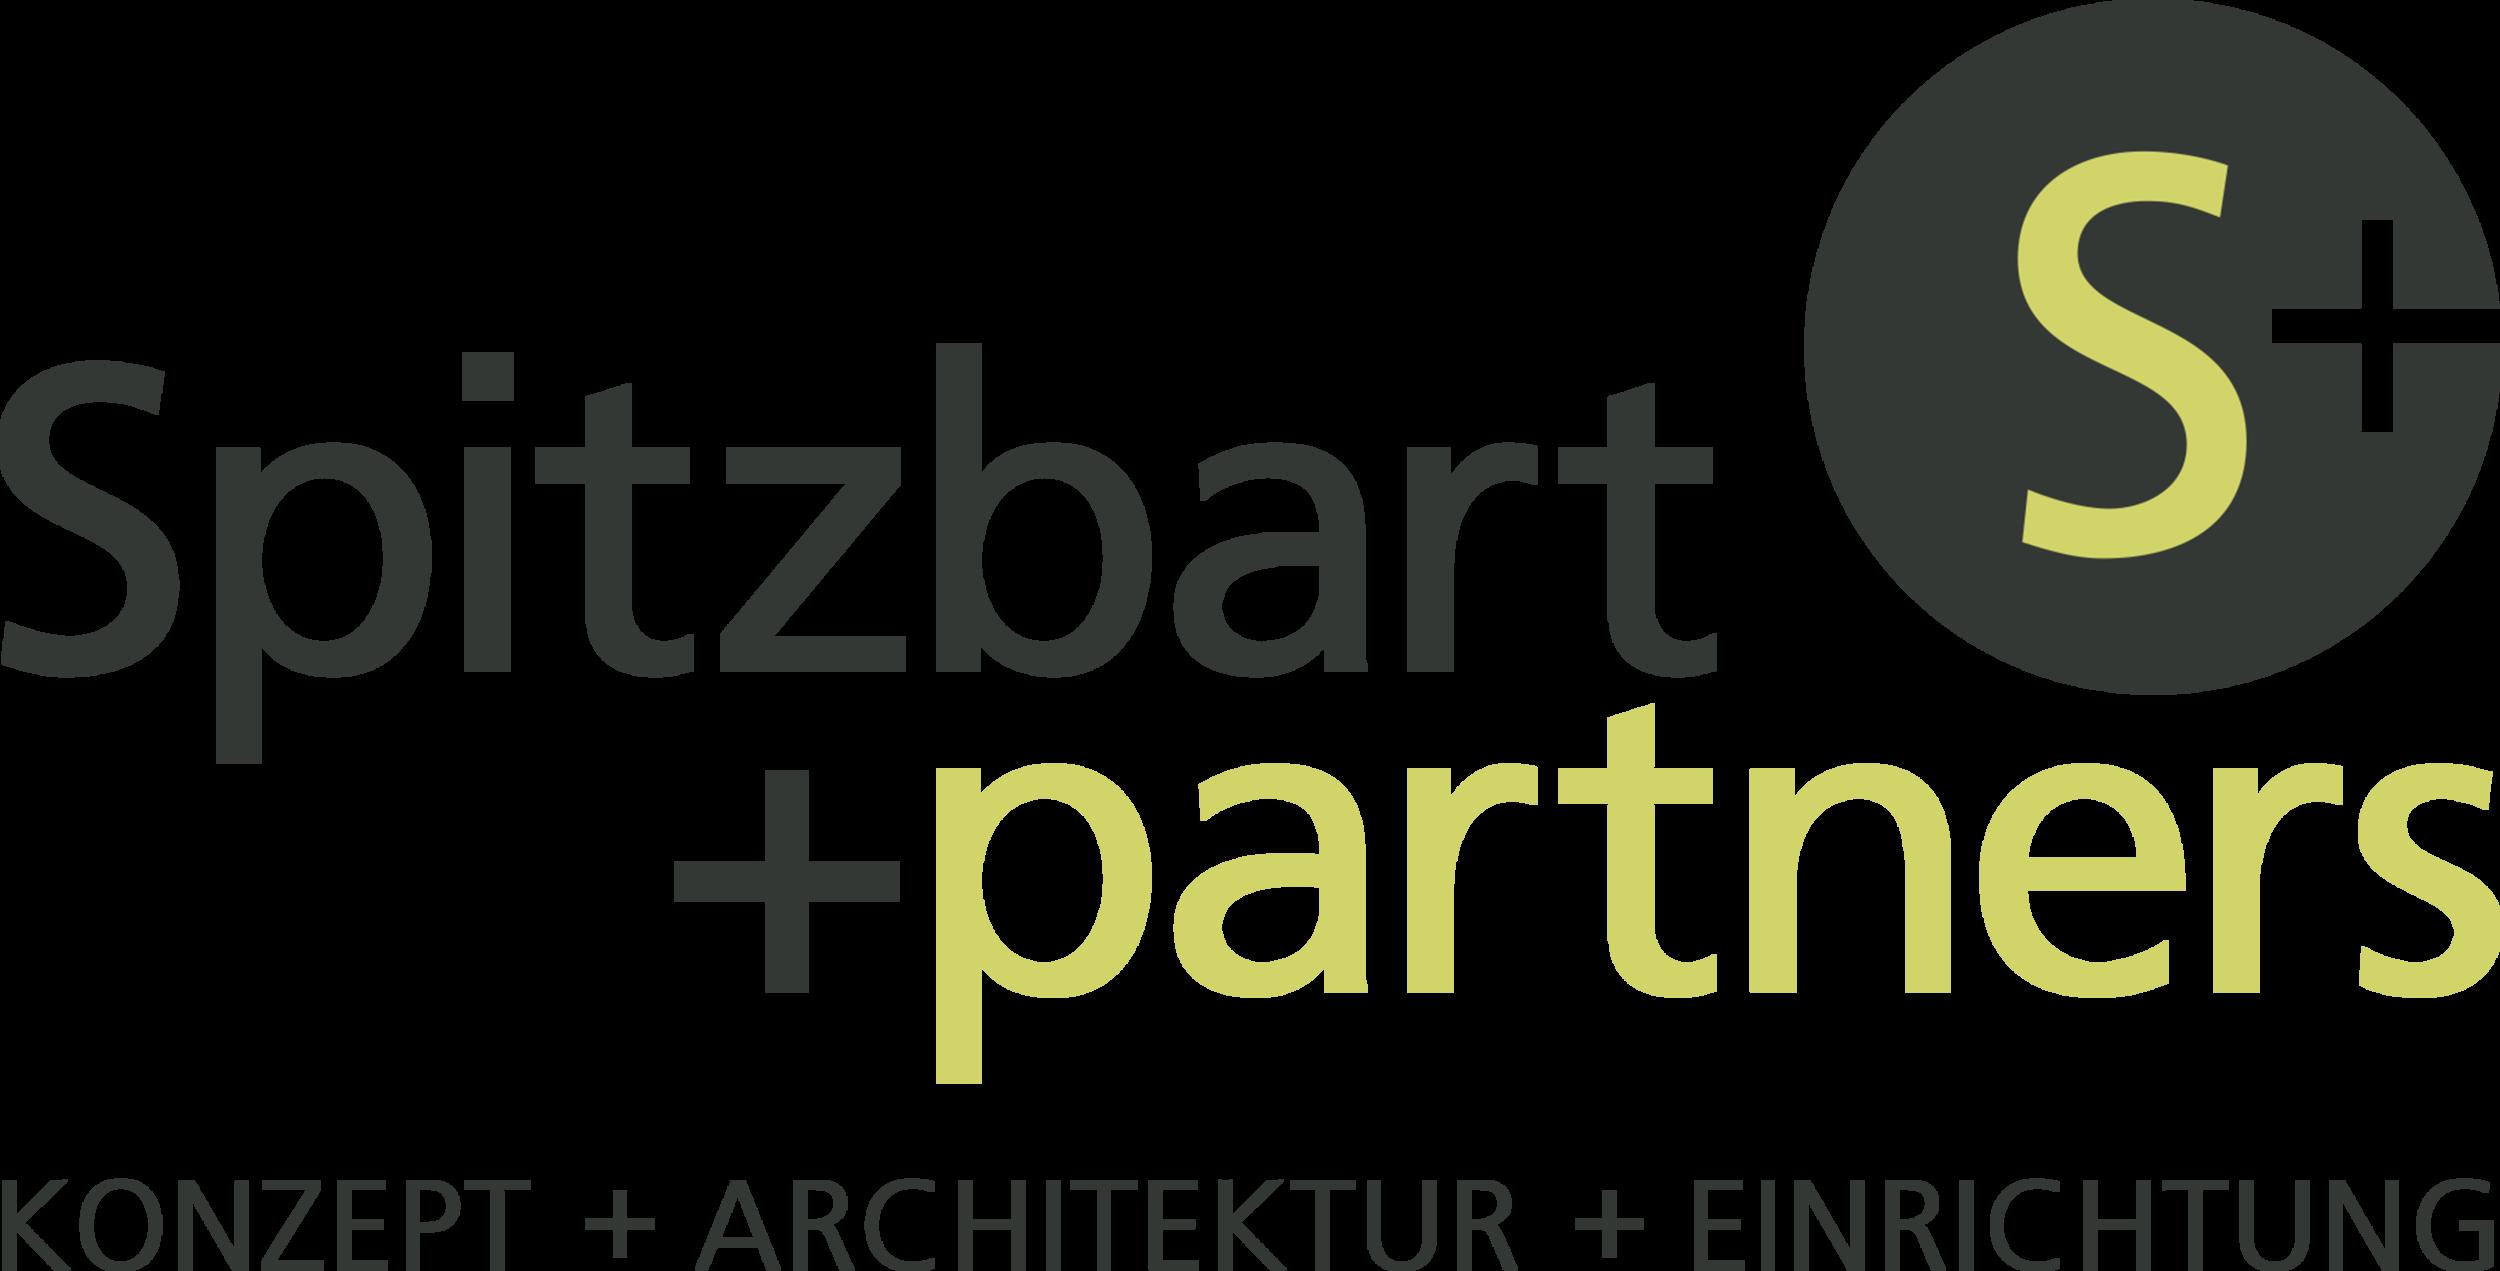 Logo Spitzbart.png